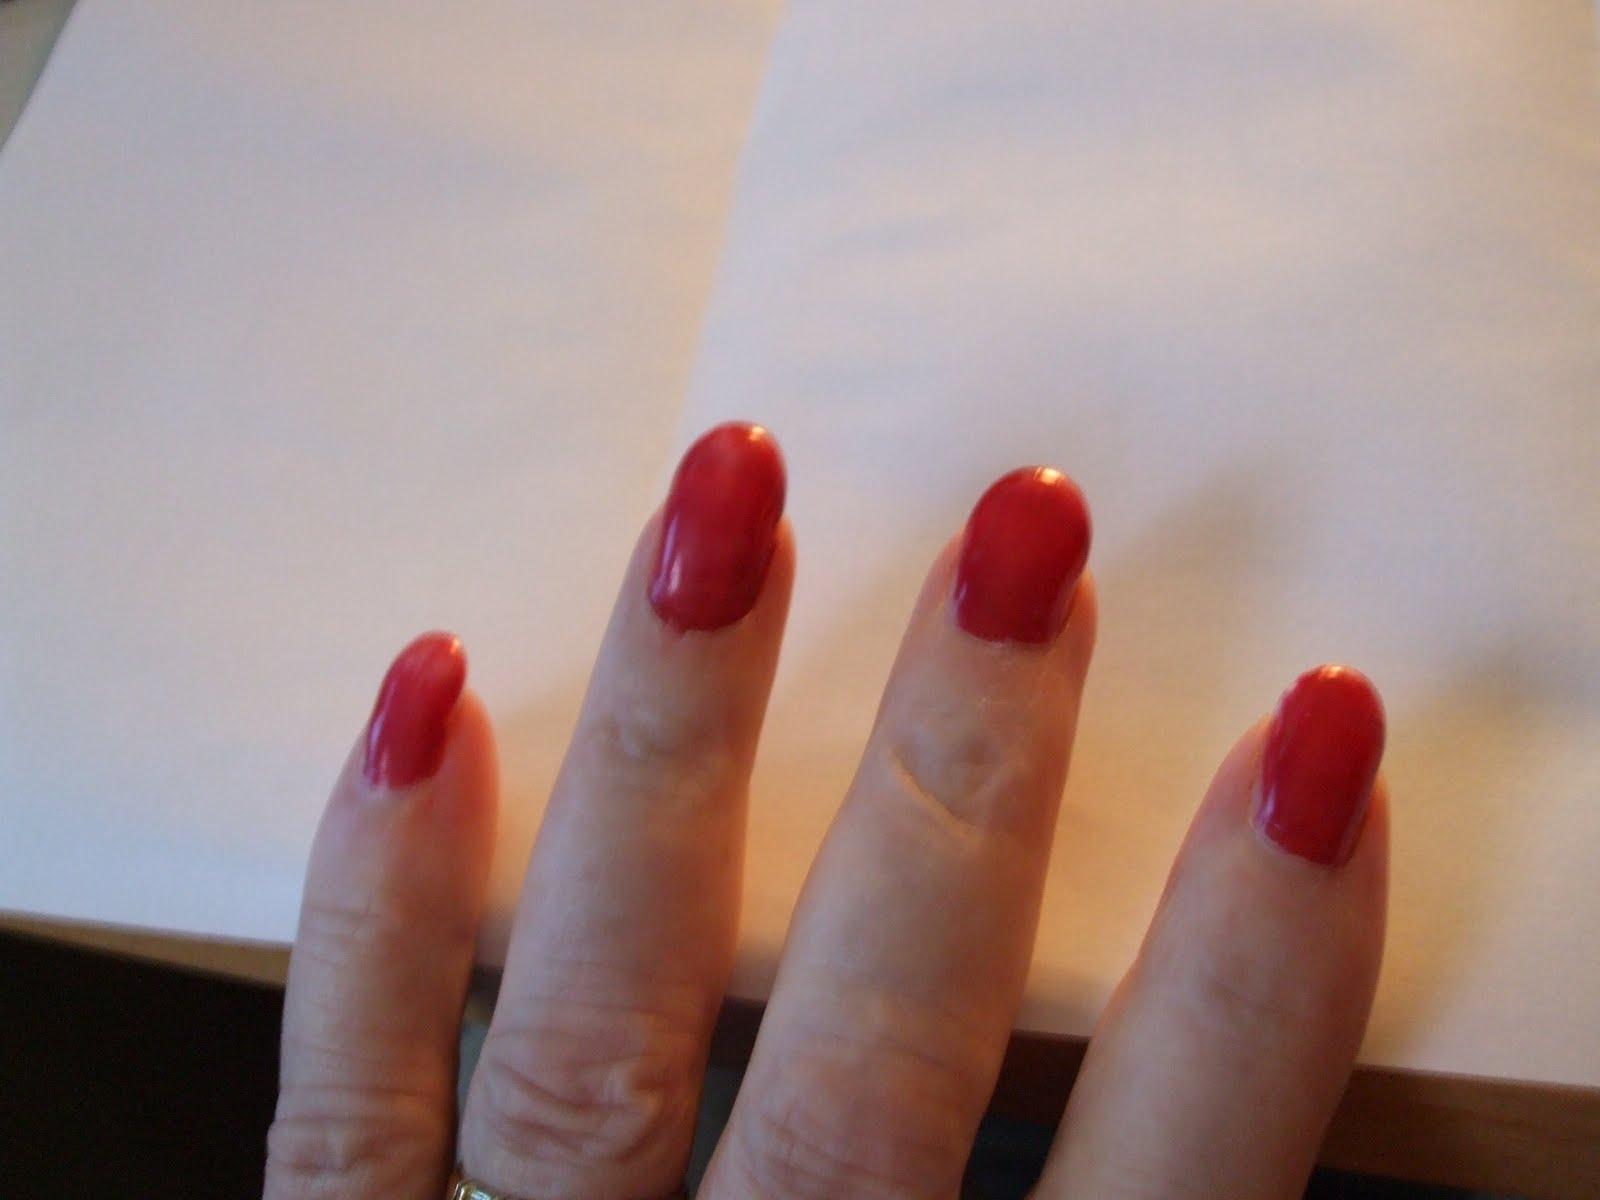 Der Candiden behandelt die Nägel